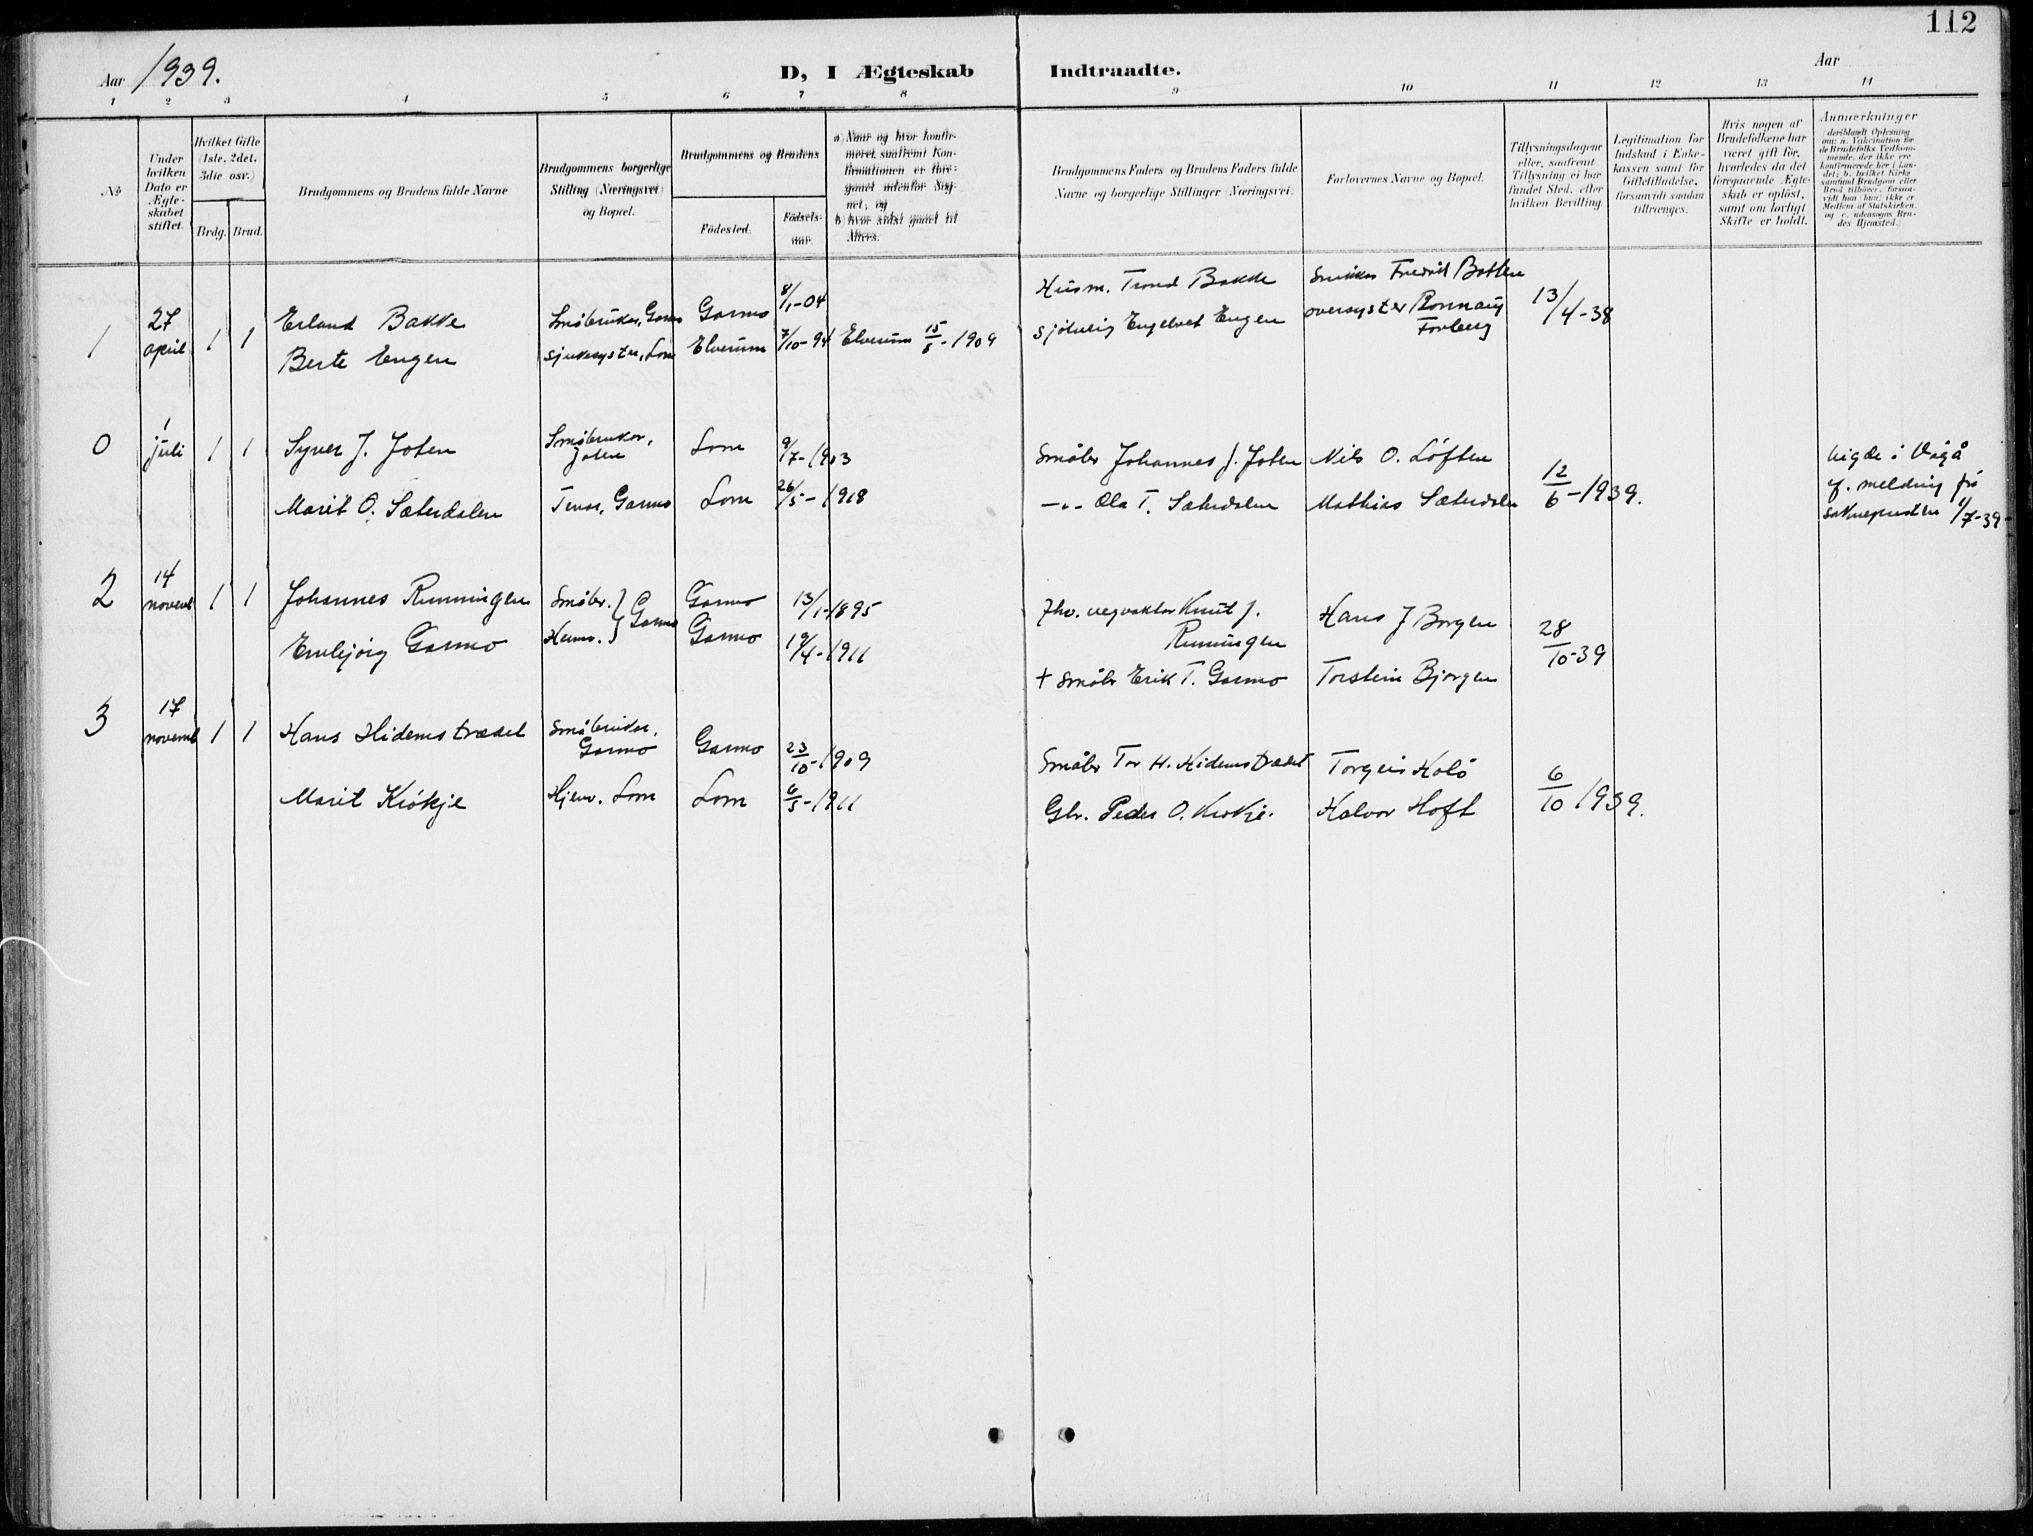 SAH, Lom prestekontor, L/L0006: Klokkerbok nr. 6, 1901-1939, s. 112